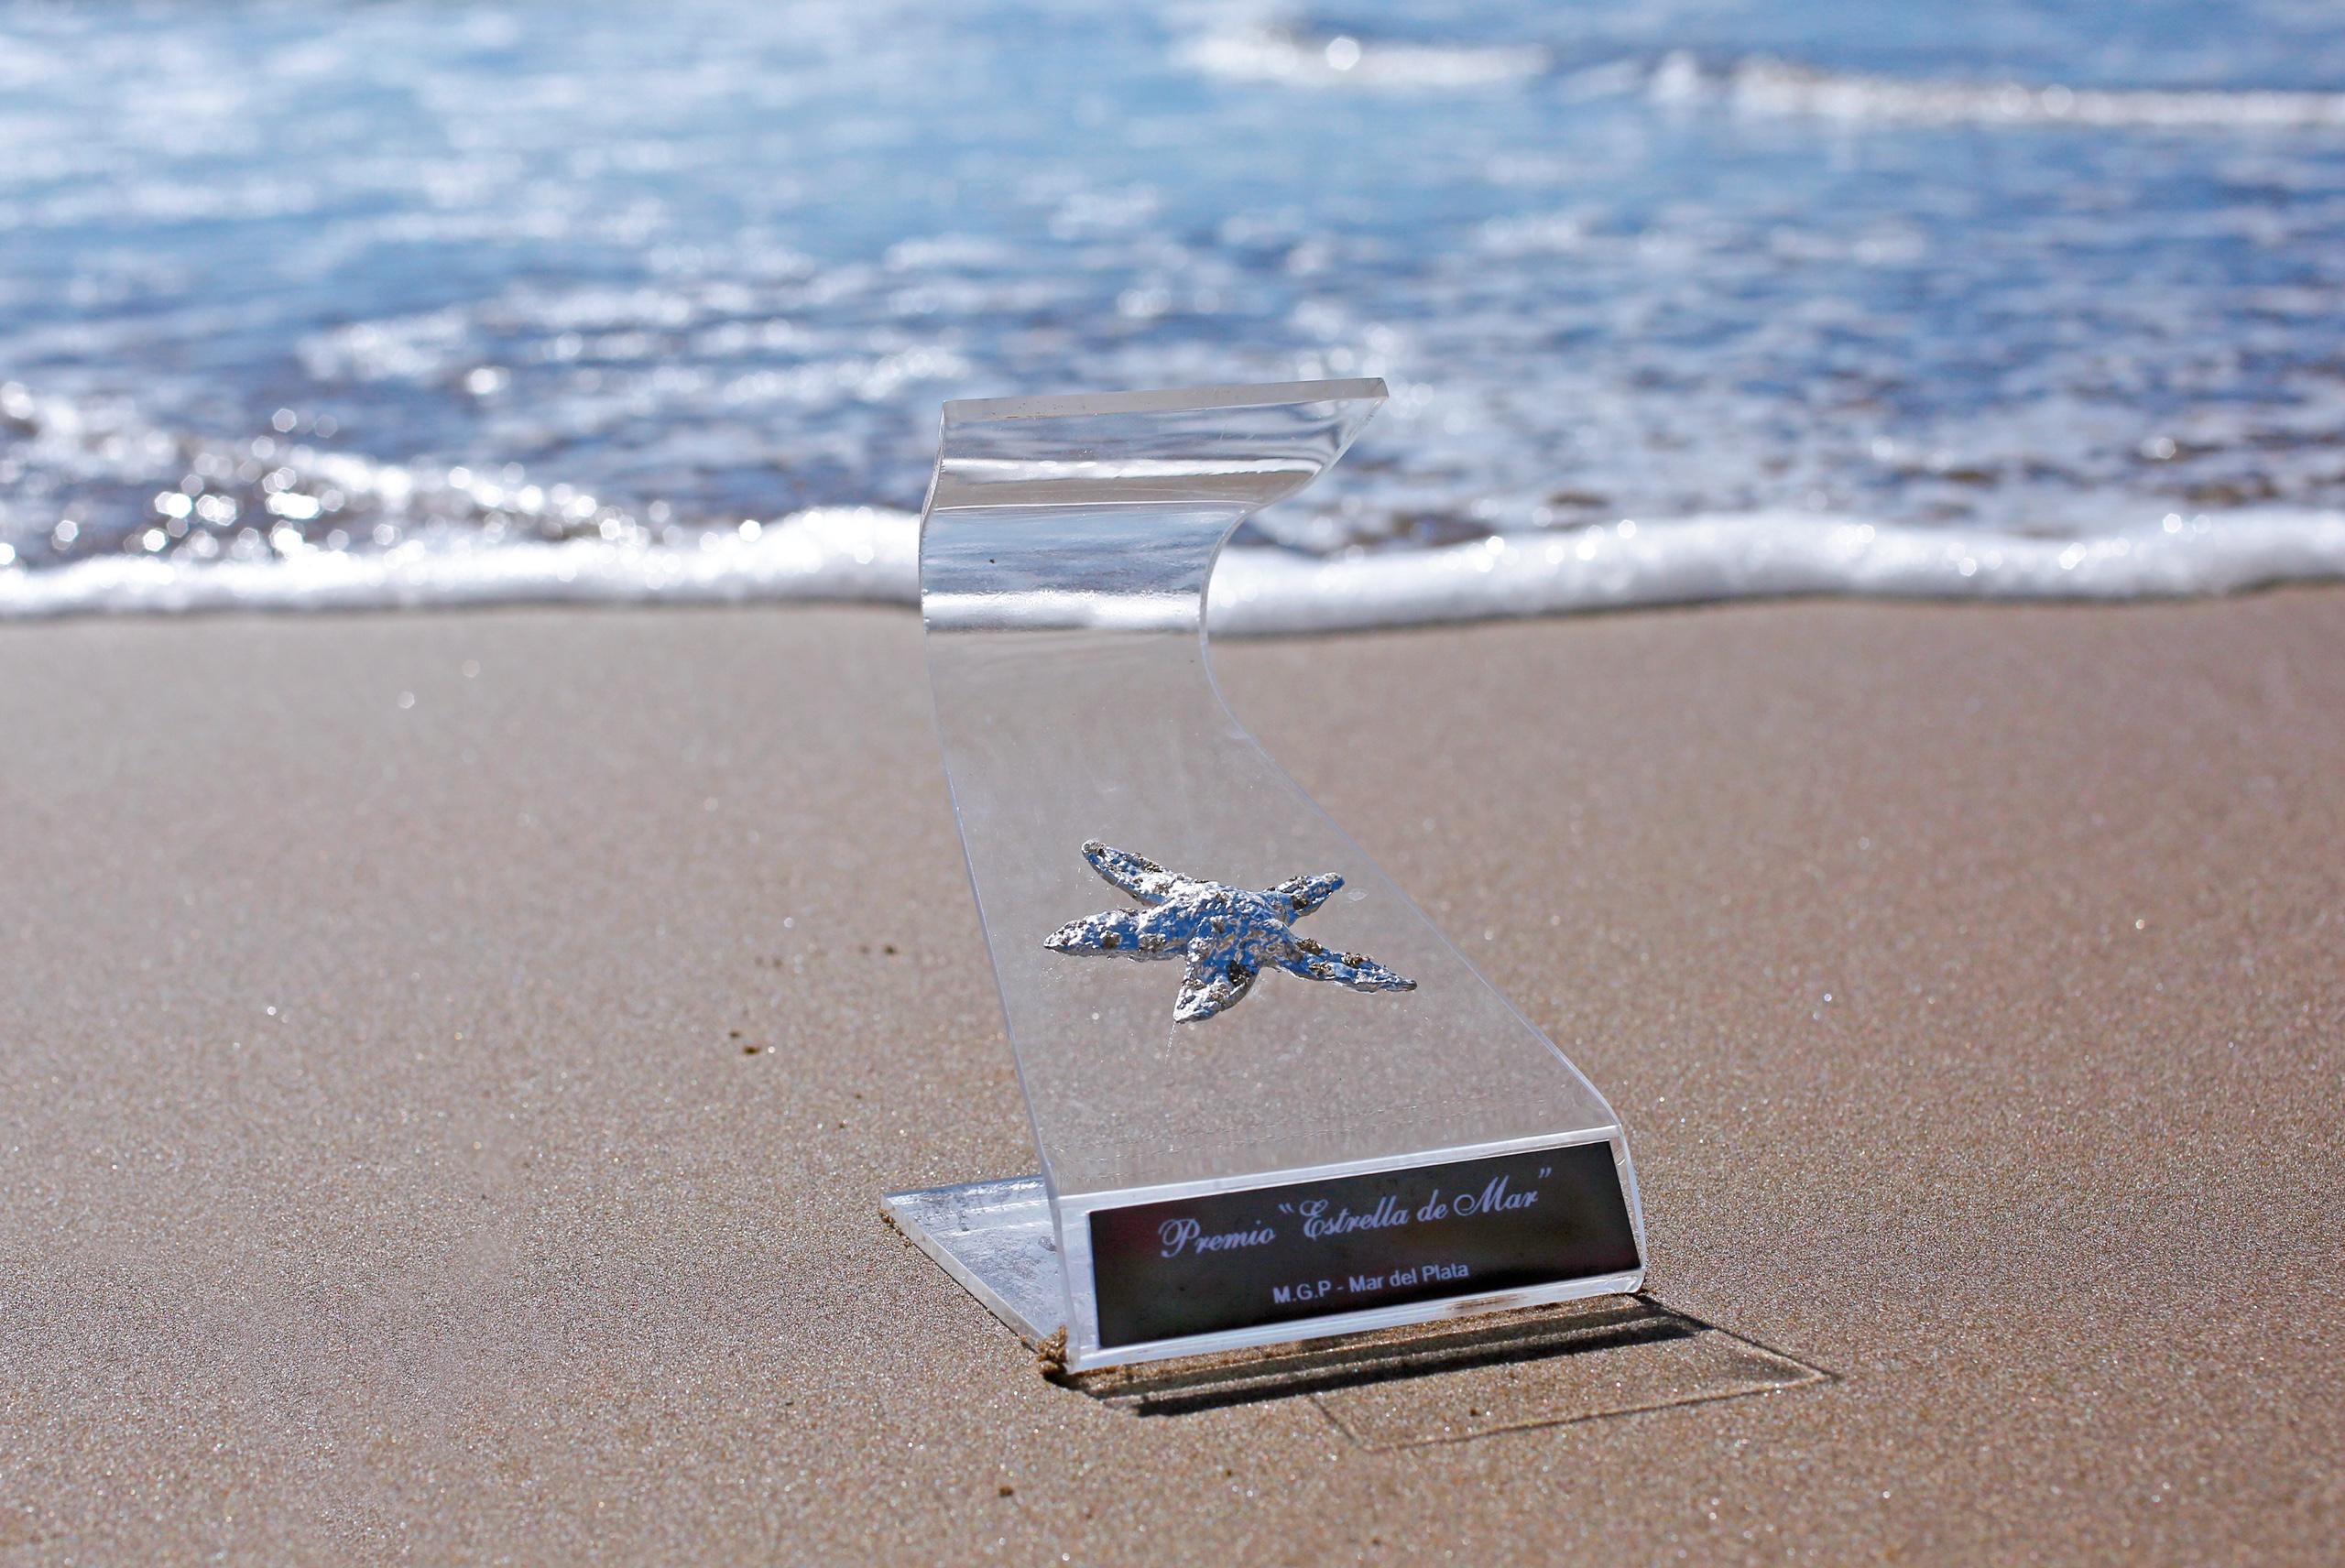 Premios Estrella de Mar 2021: listado completo de los nominados